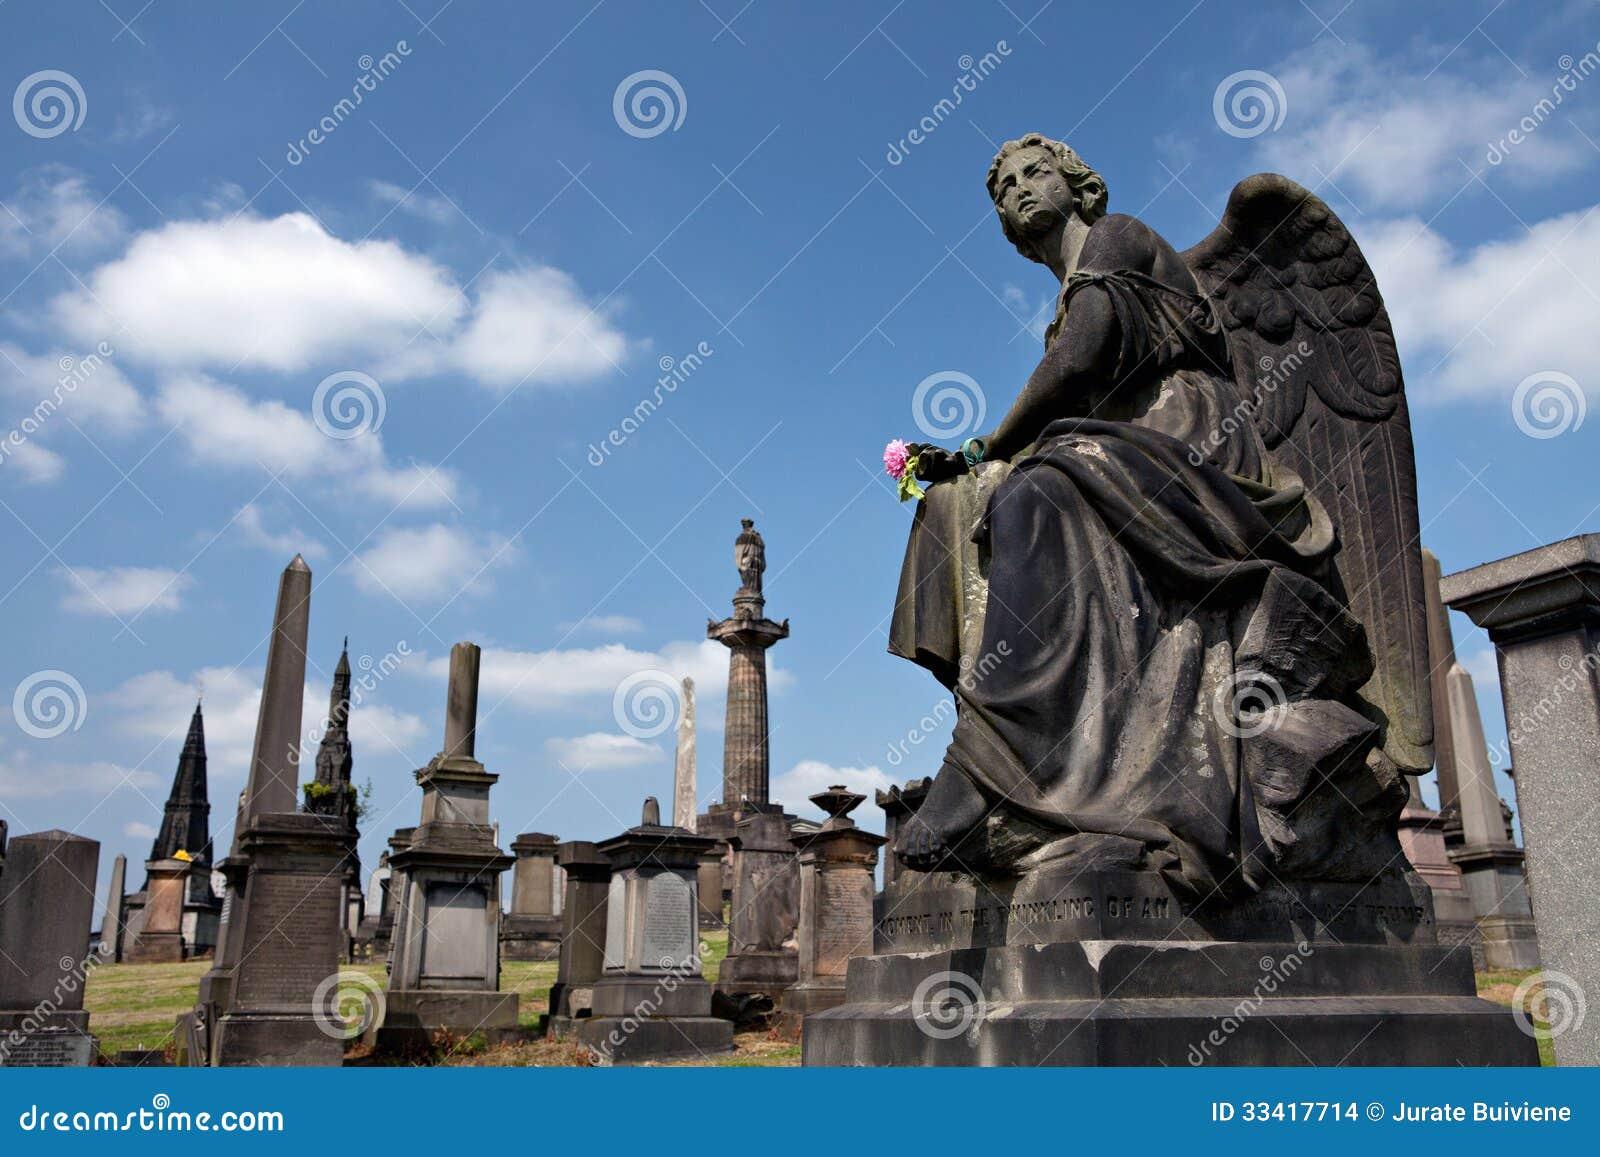 Glasgow Necropolis.